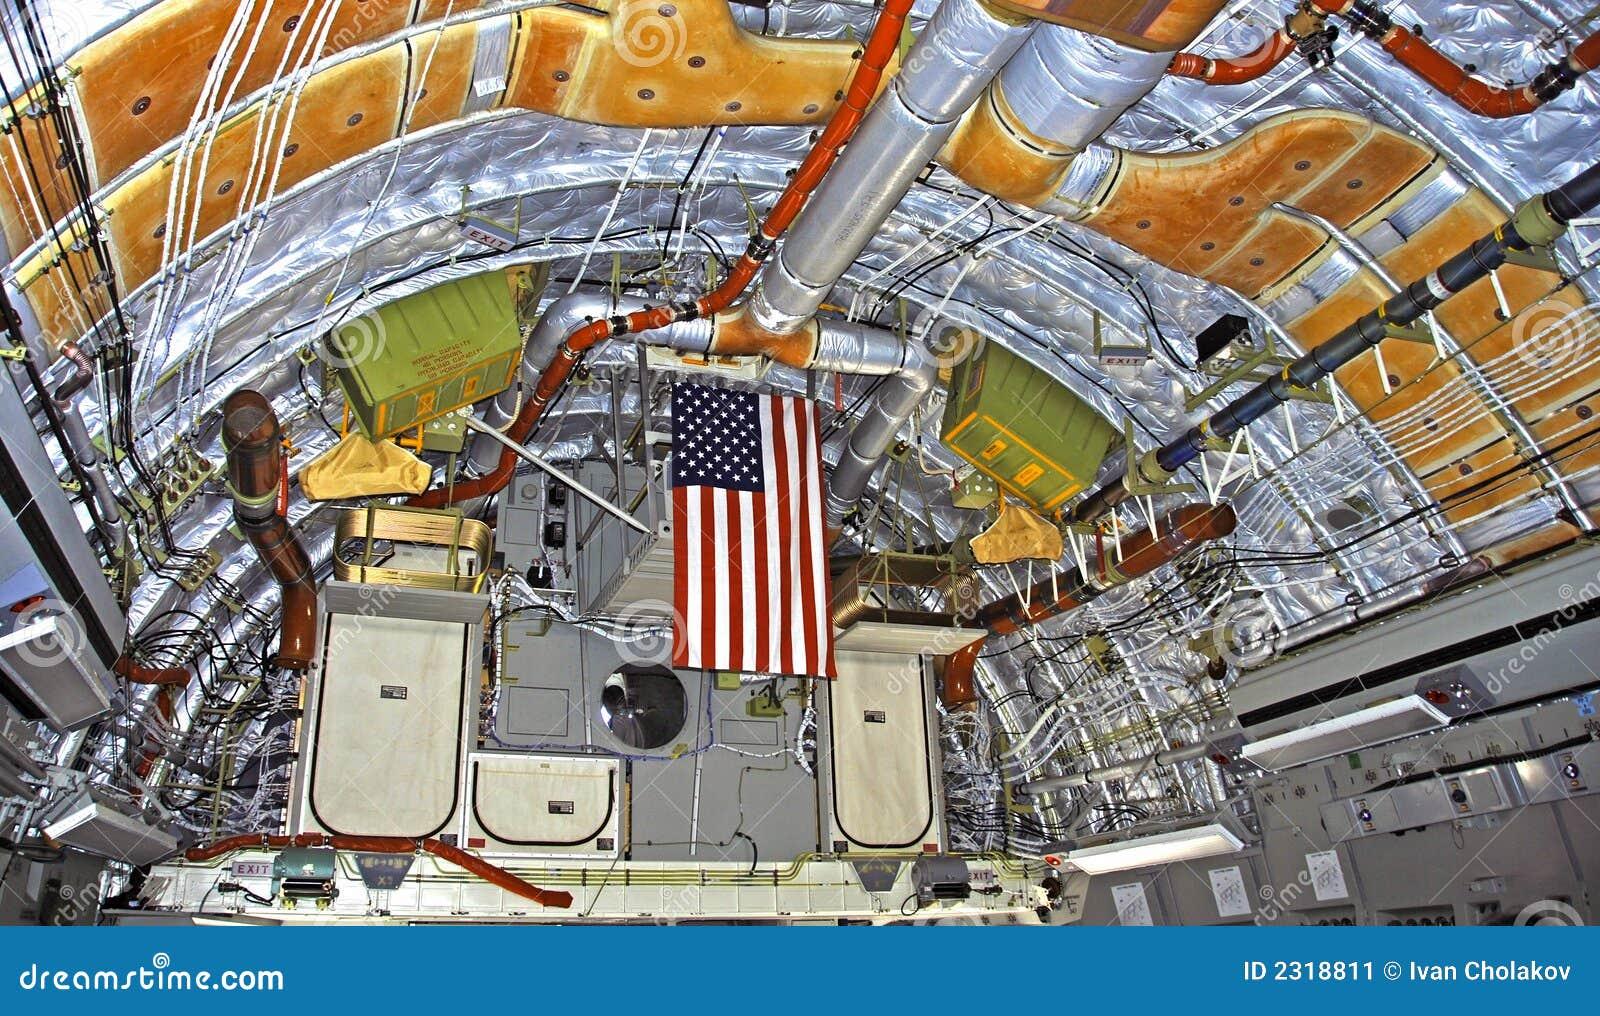 C-17 Globemaster jet interior  C 17 Interior